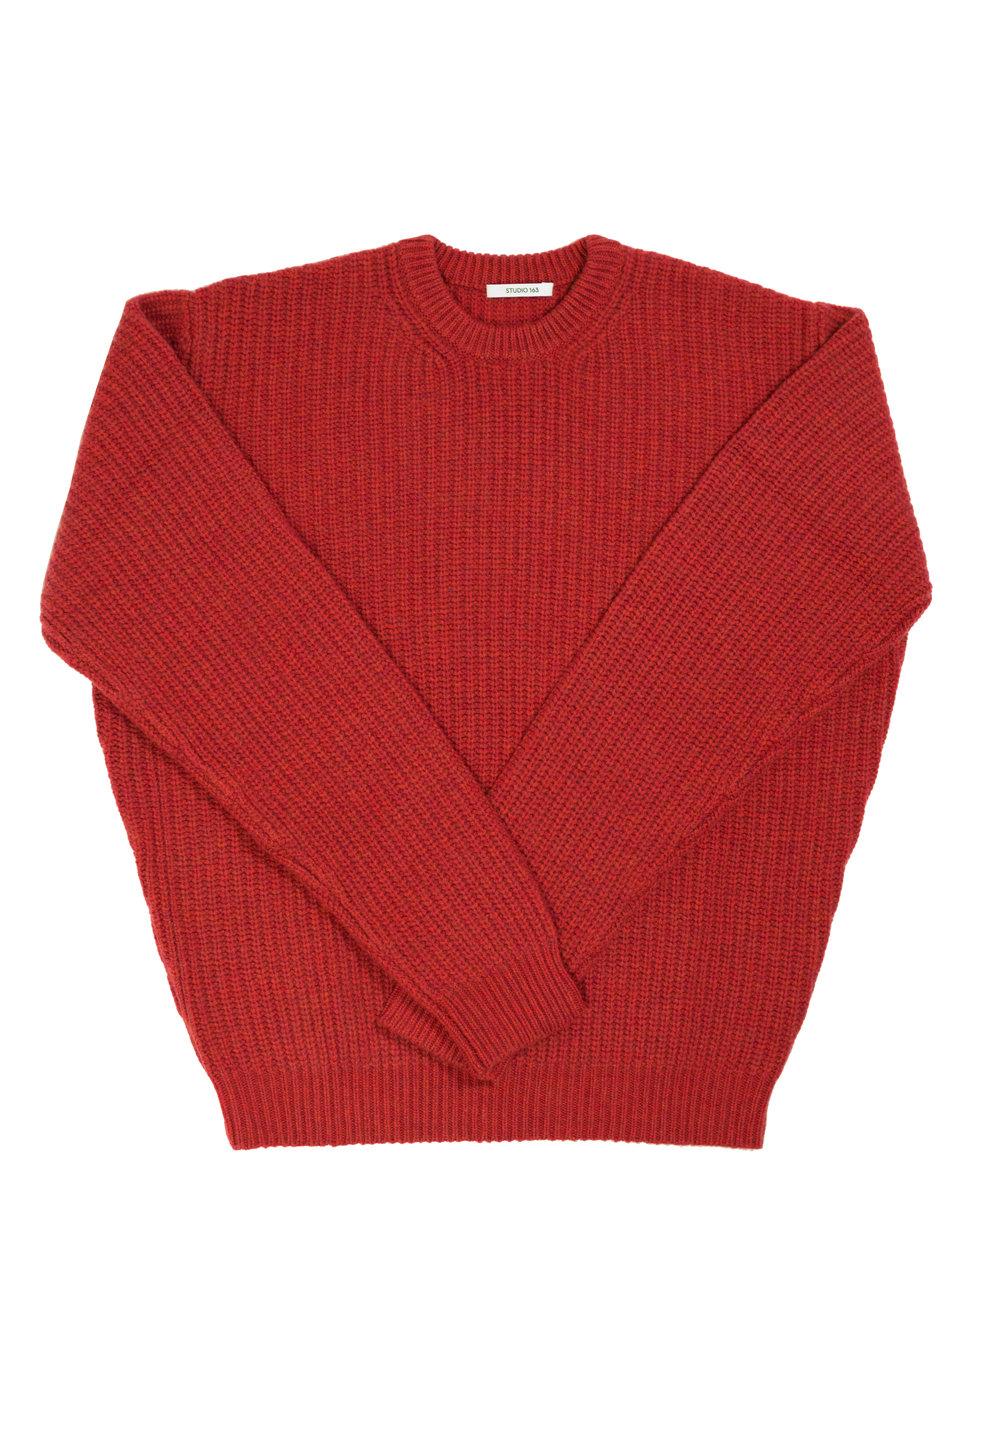 Sailors sweater